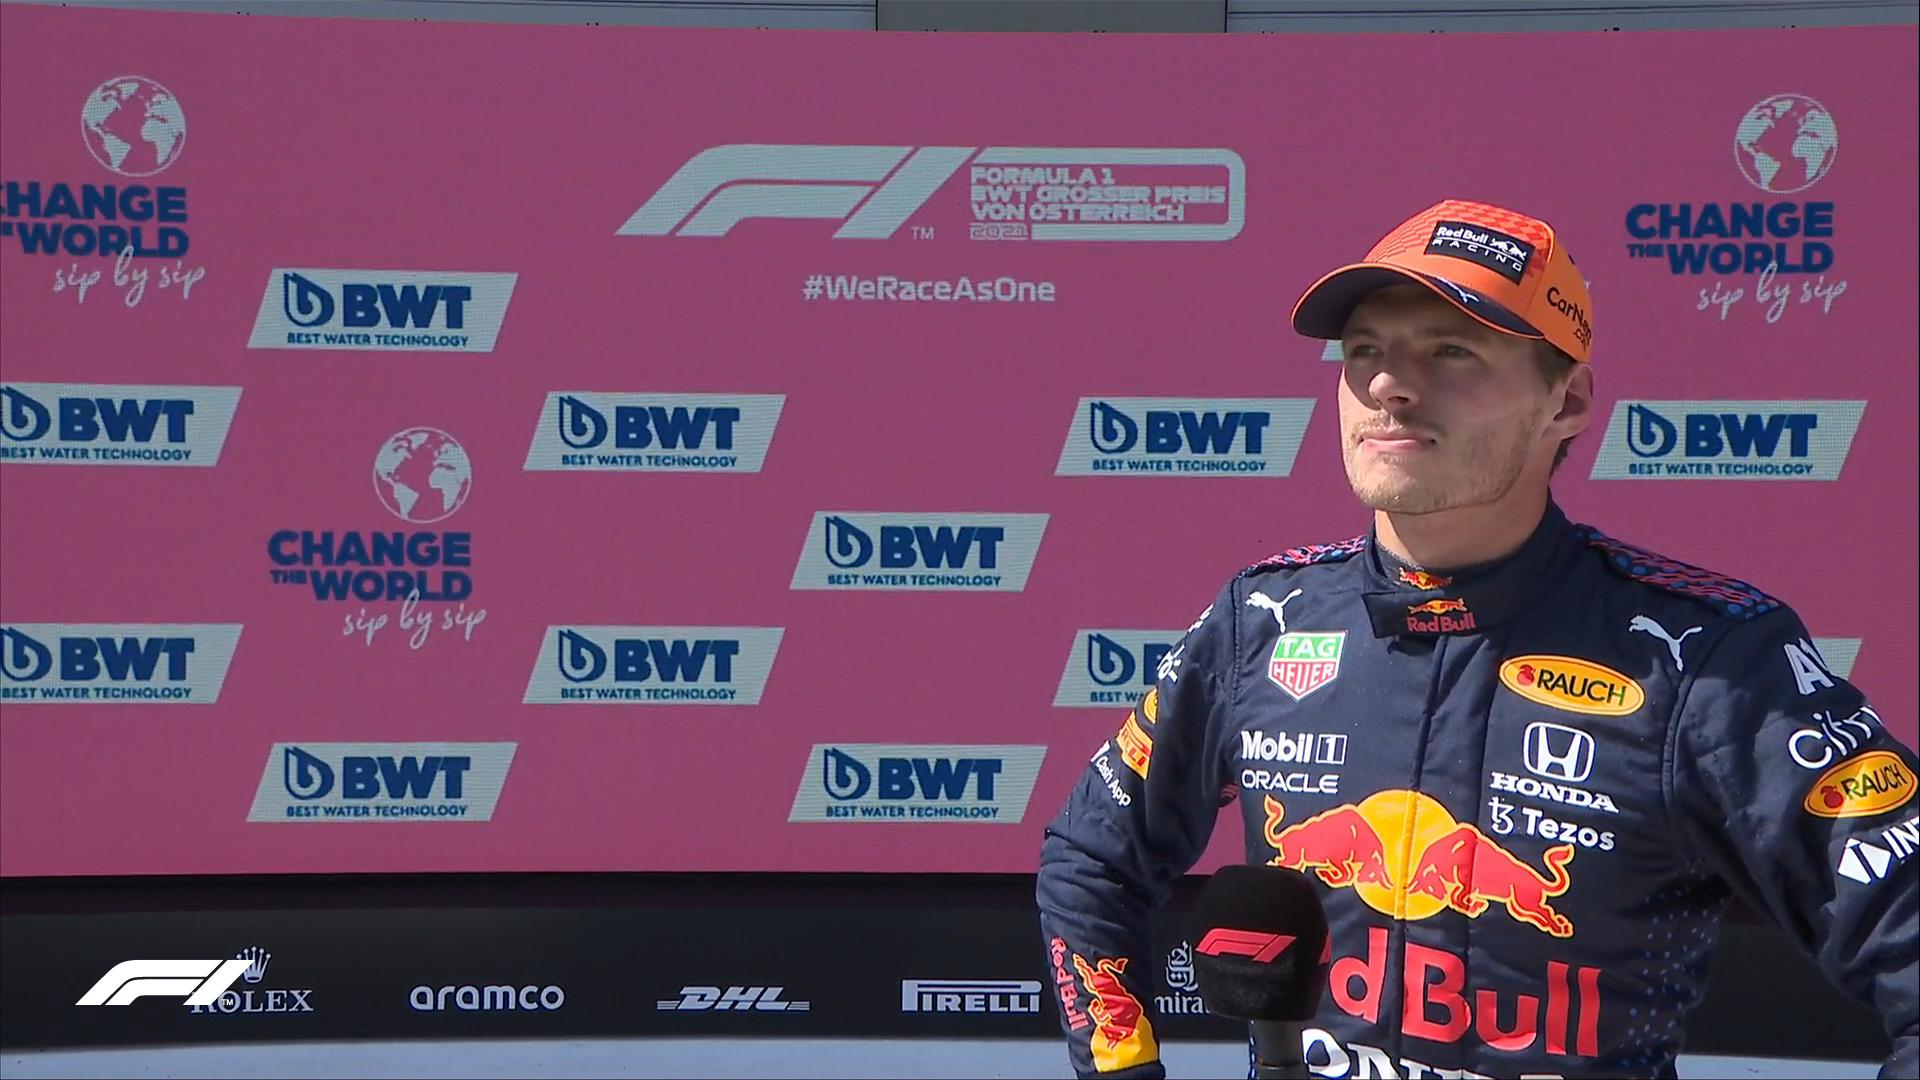 Ферстаппен третий раз подряд выиграл квалификацию в 'Формуле-1'